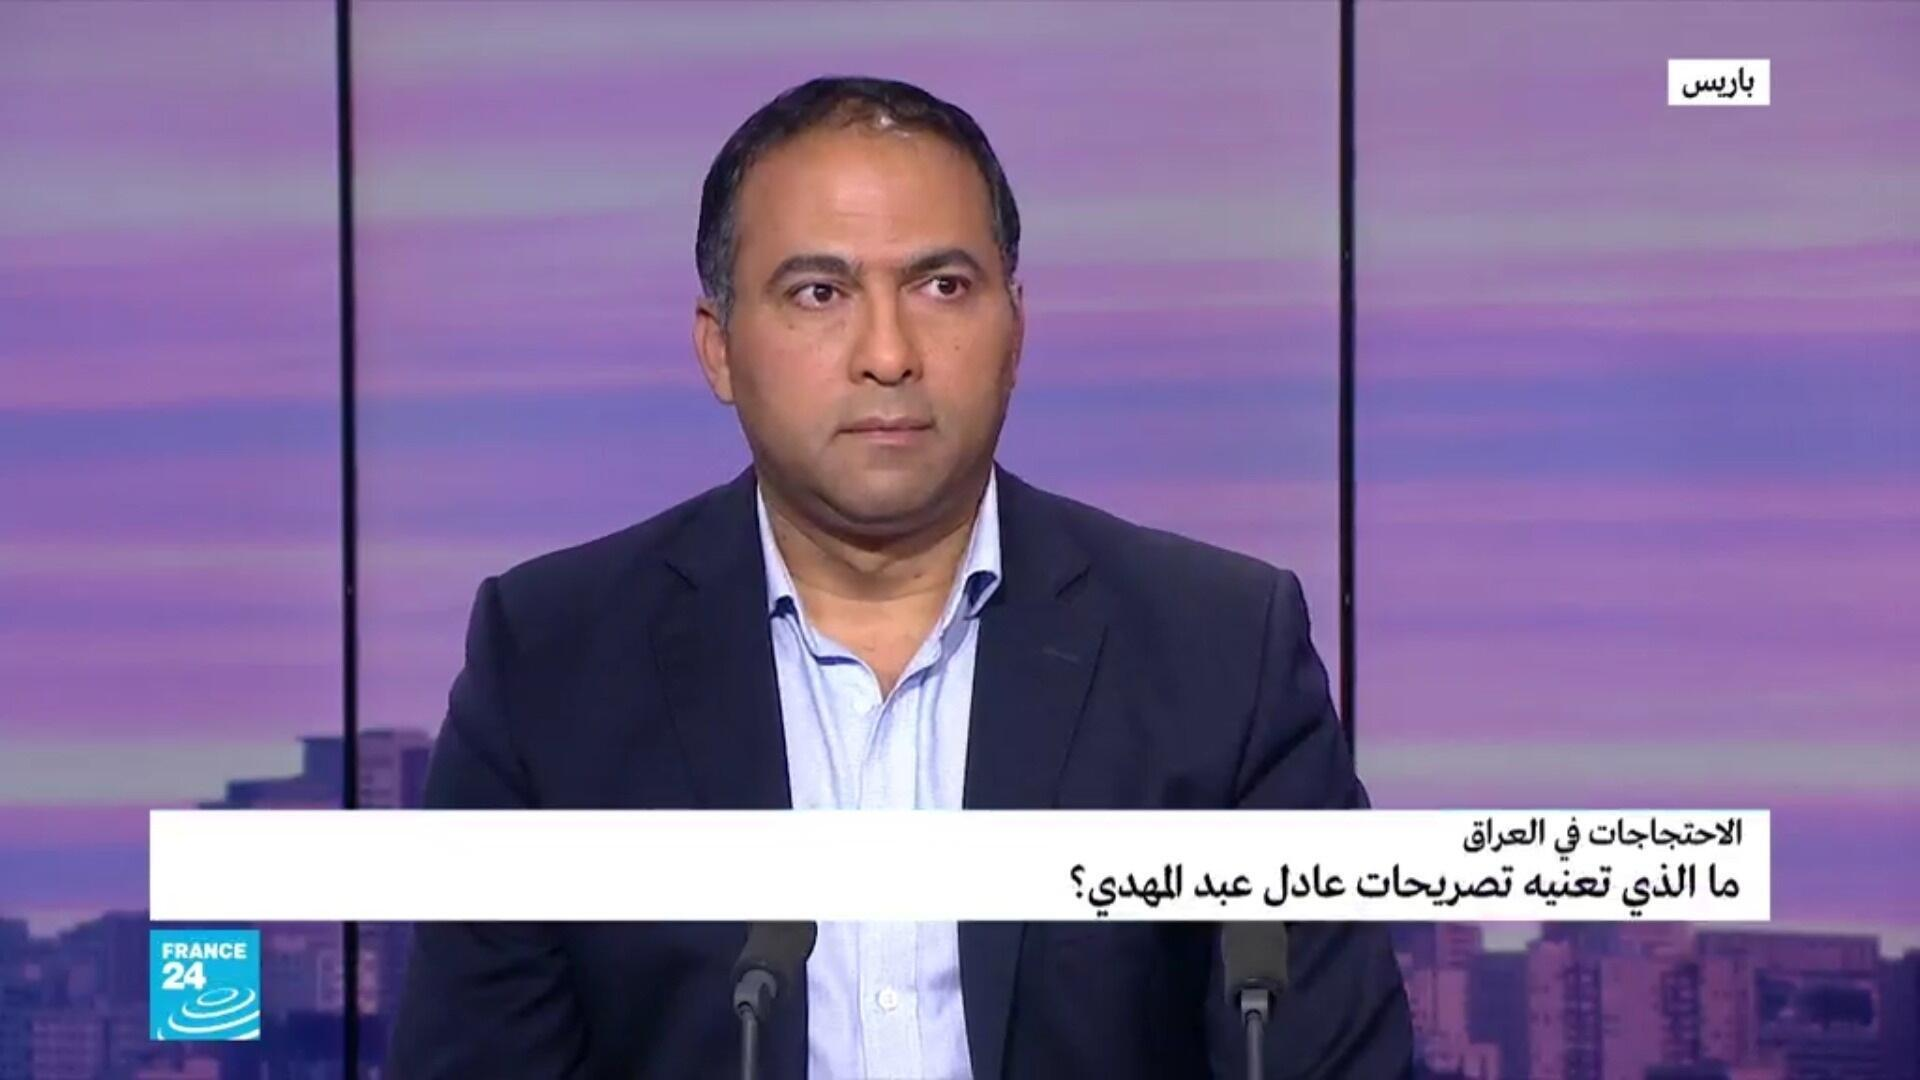 محرر الشؤون الدولية في قناة فرانس24 خالد الغربلي